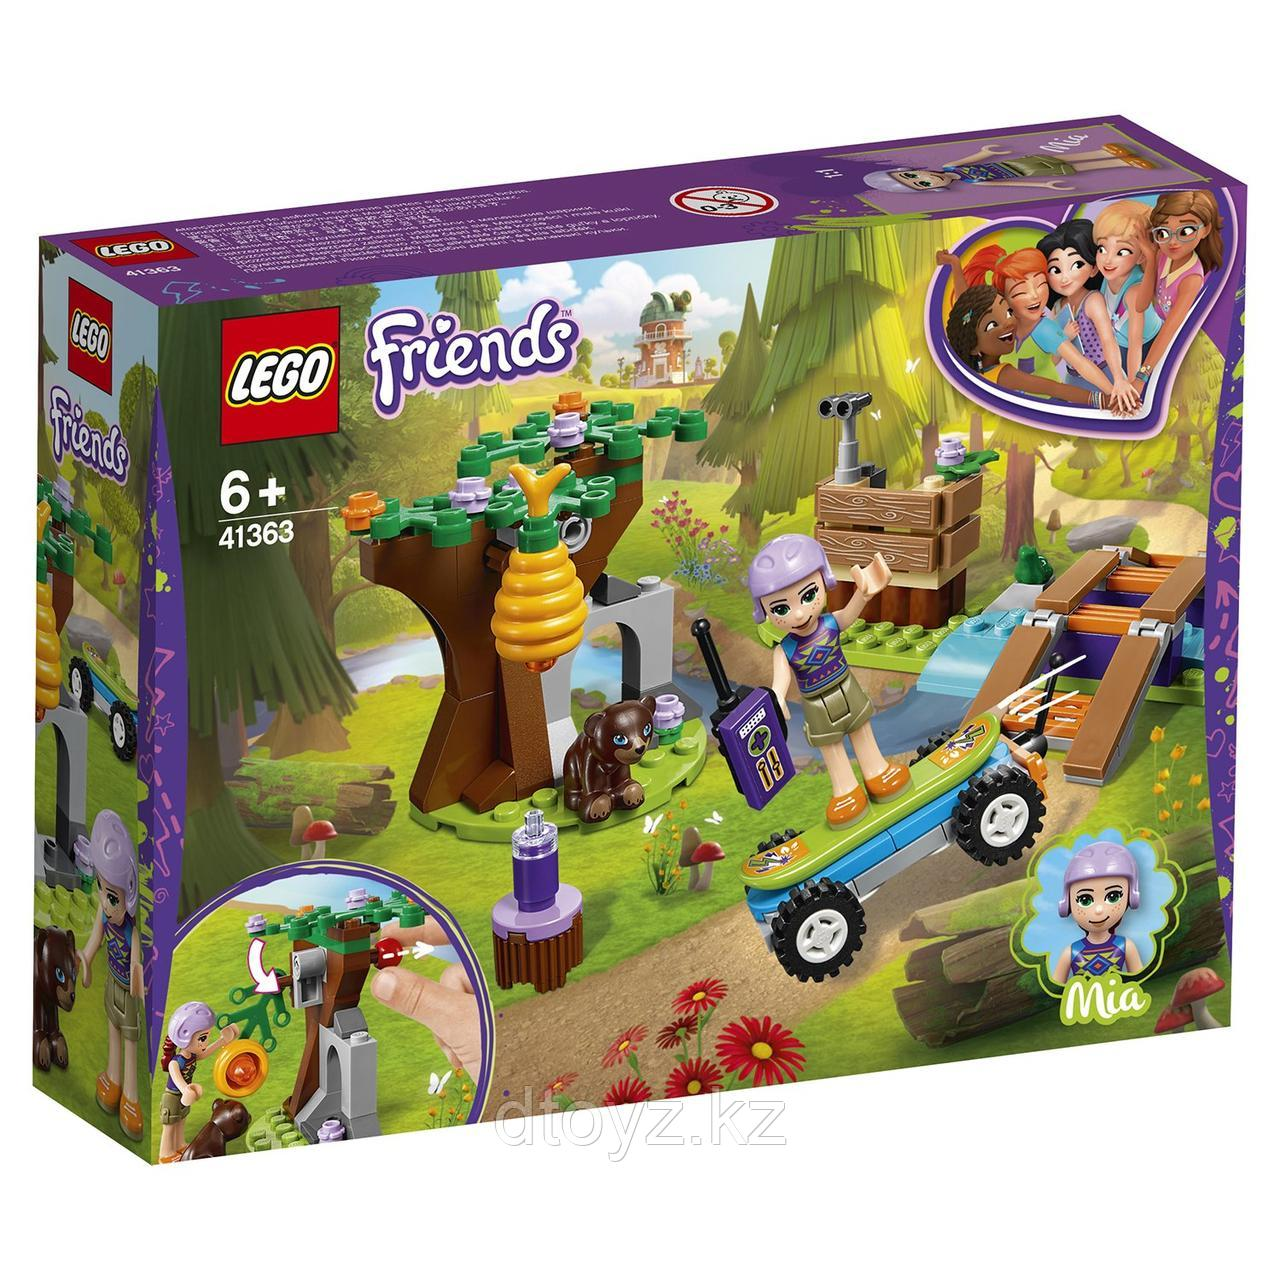 Lego Friends 41363 Приключения Мии в лесу